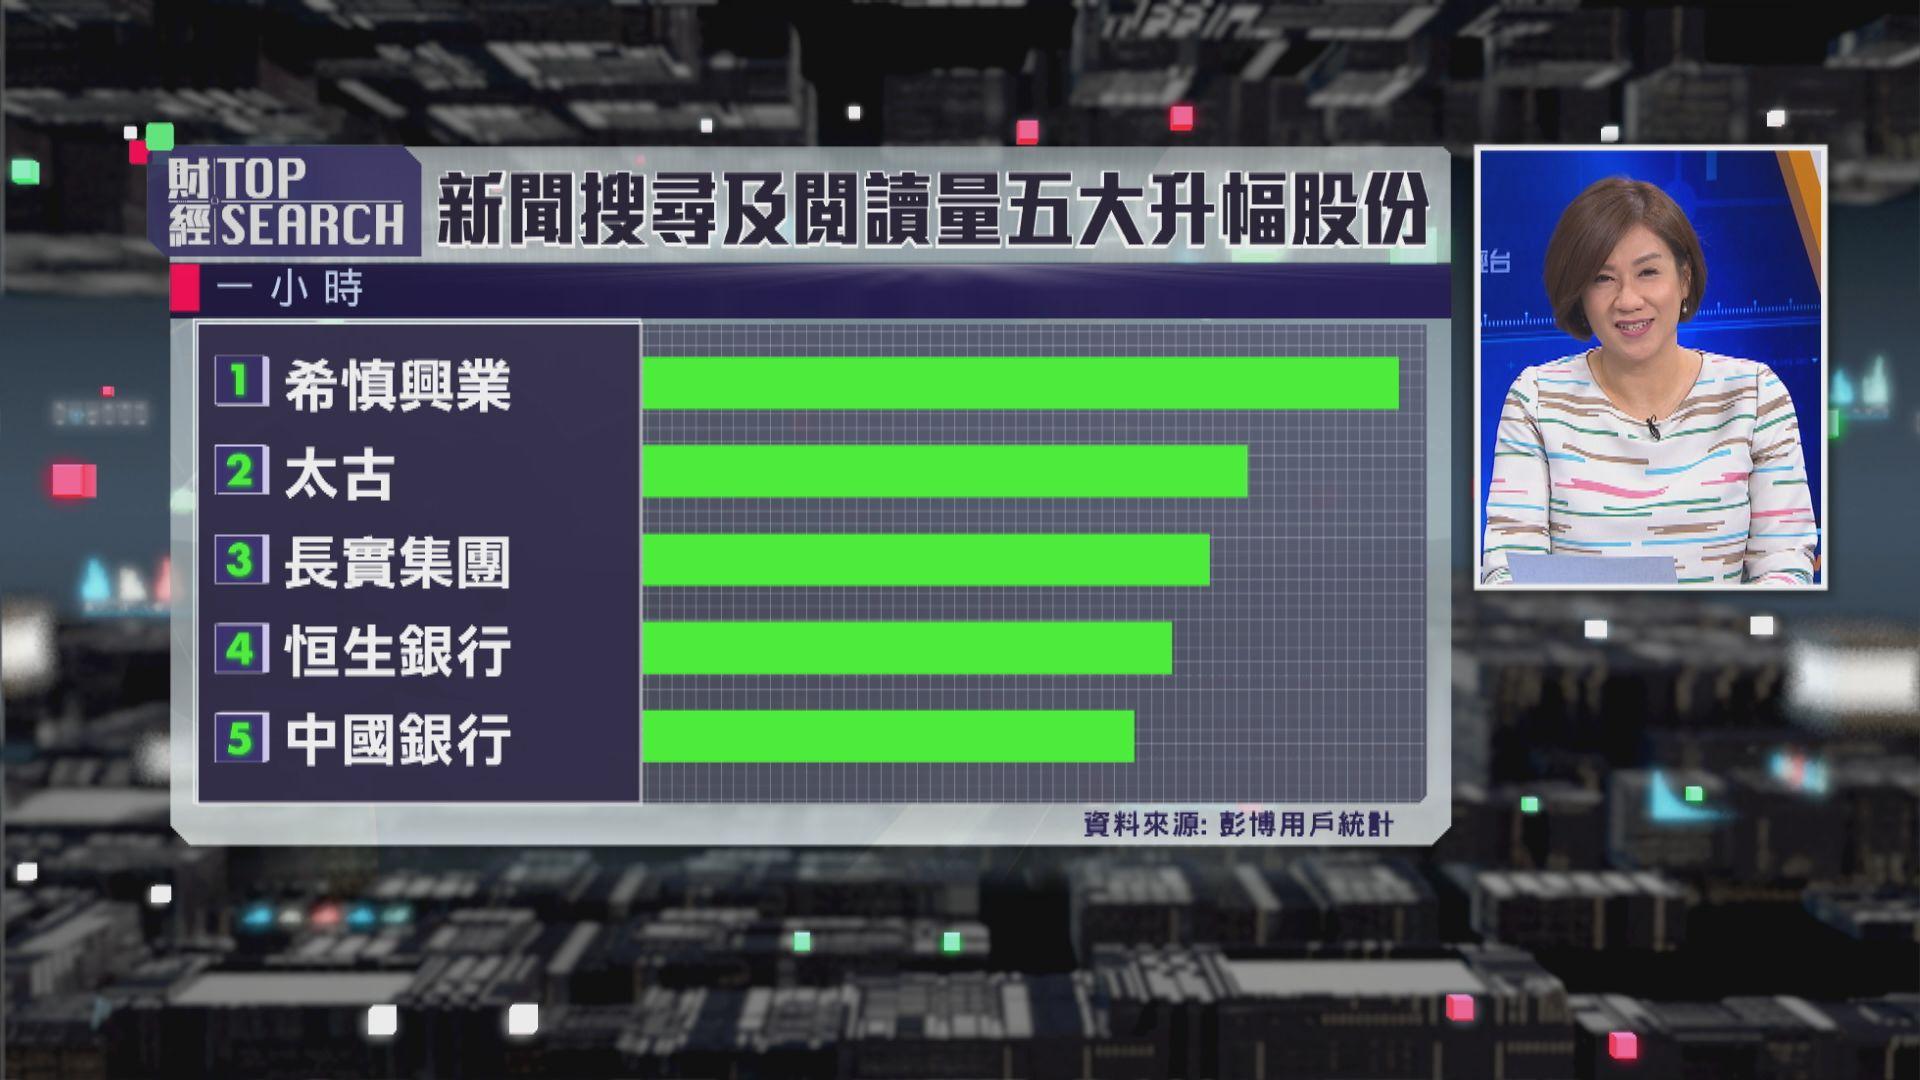 【財經TOP SEARCH】市場焦點轉向傳統經濟股?